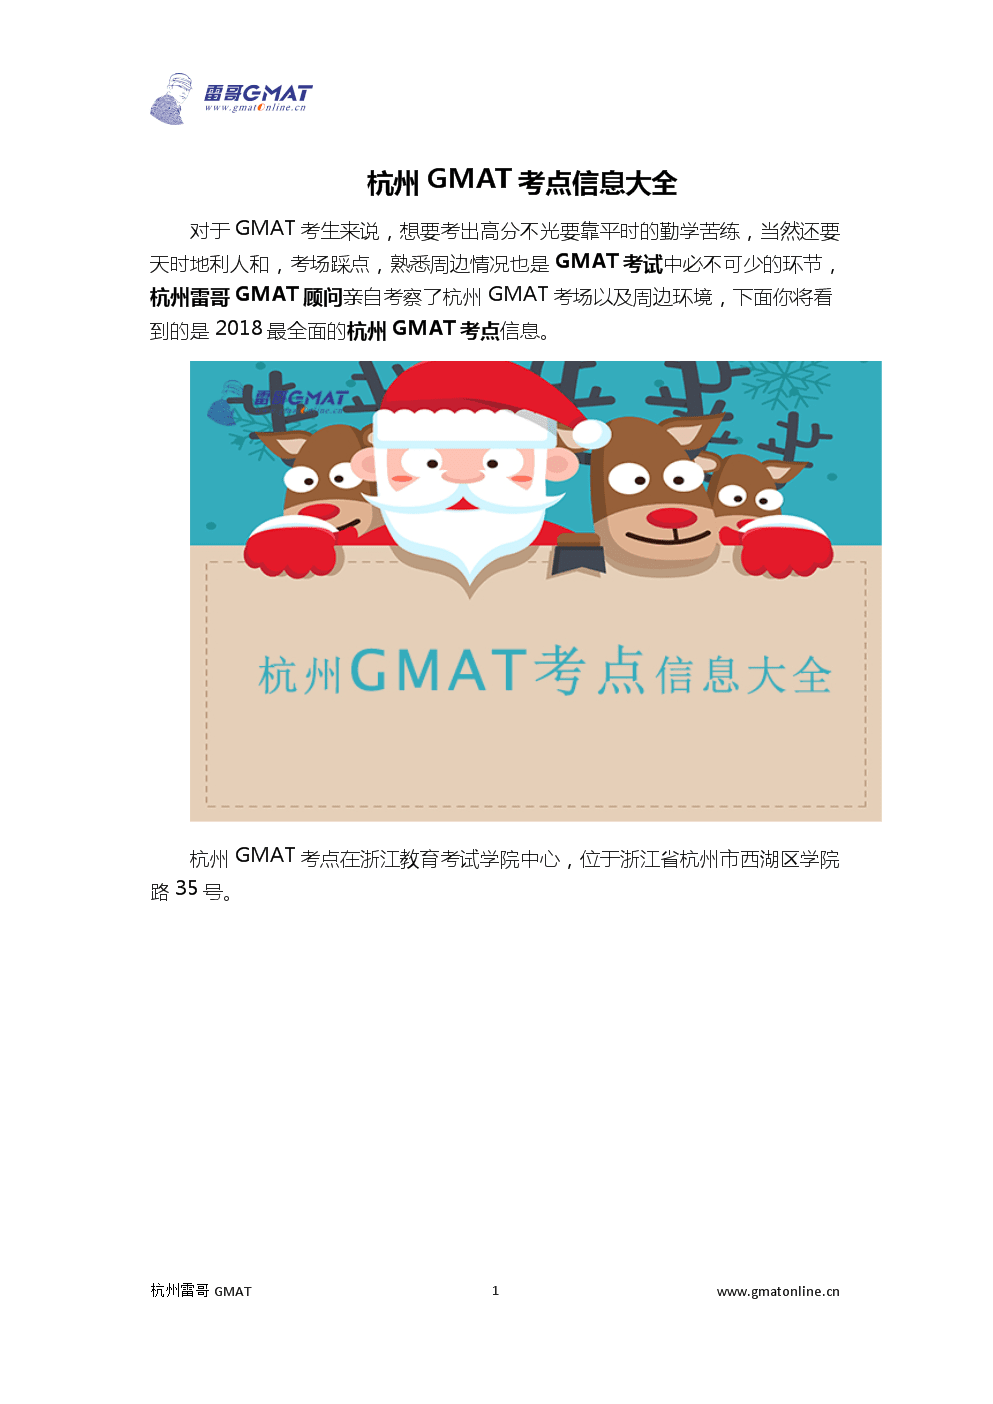 杭州GMAT考点信息大全.docx